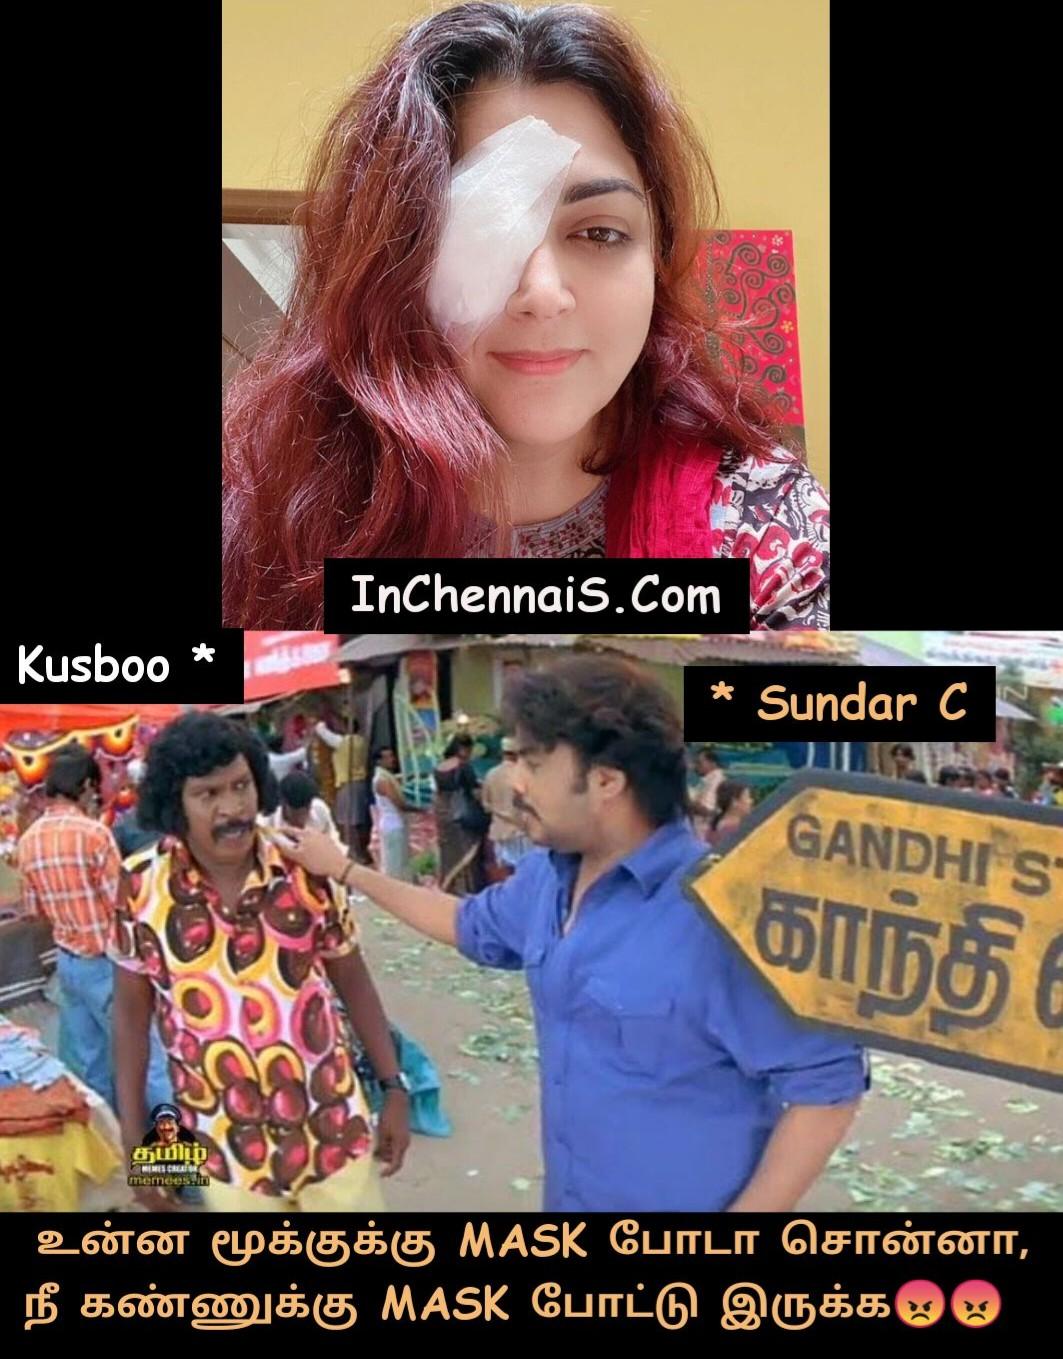 Kushboo trending Eye Mask Meme